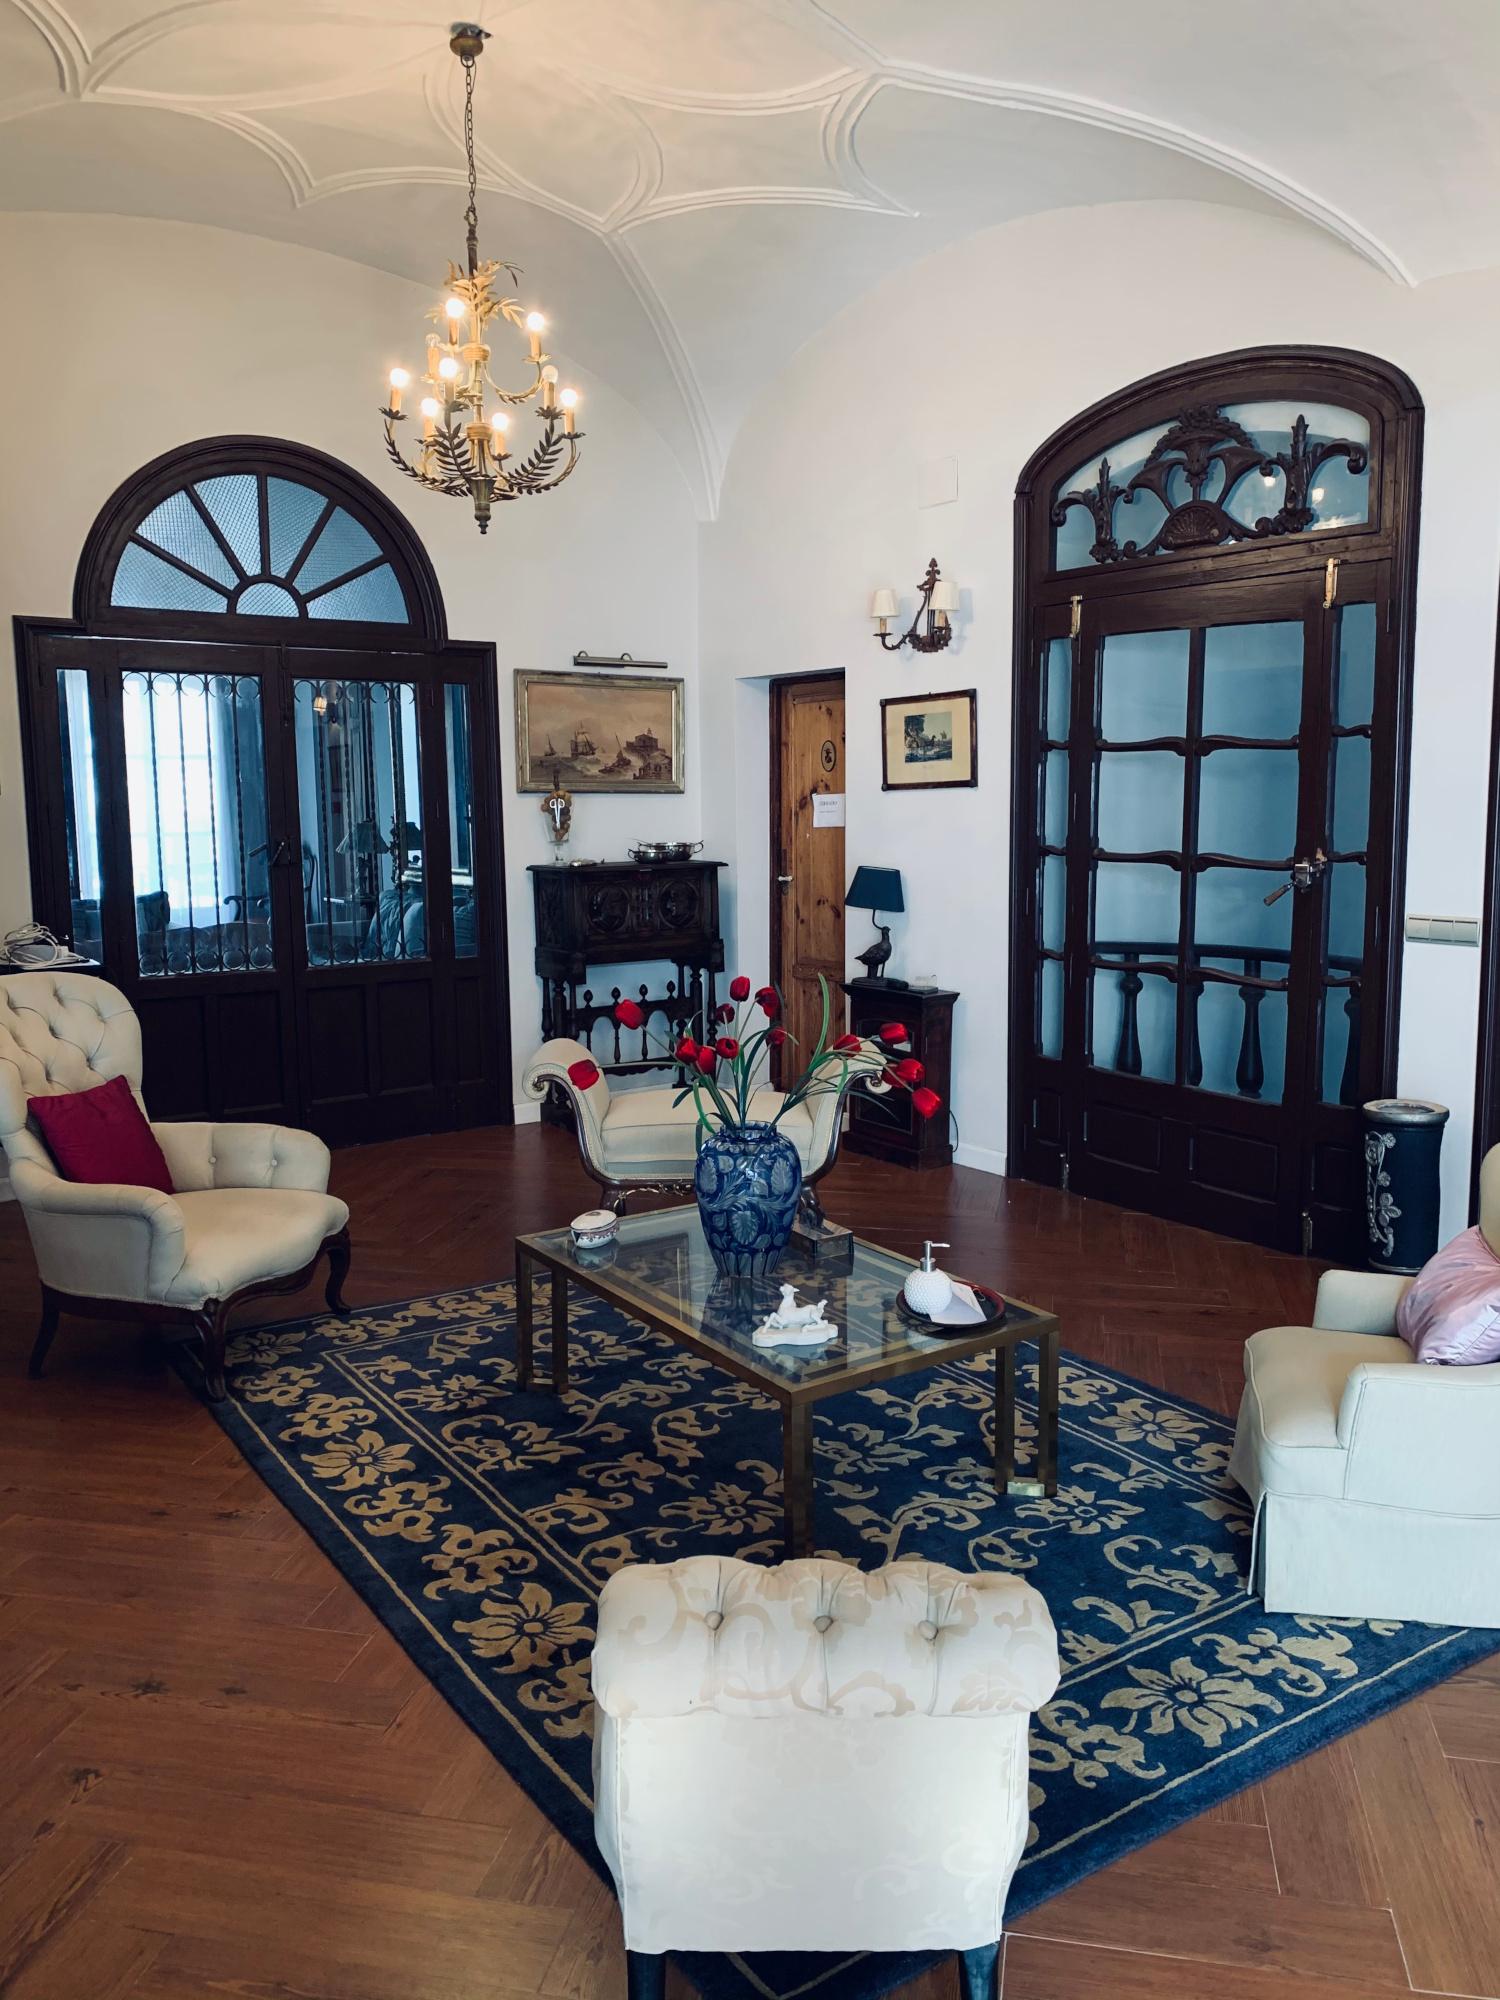 Los Balcones de Zafra  galeria